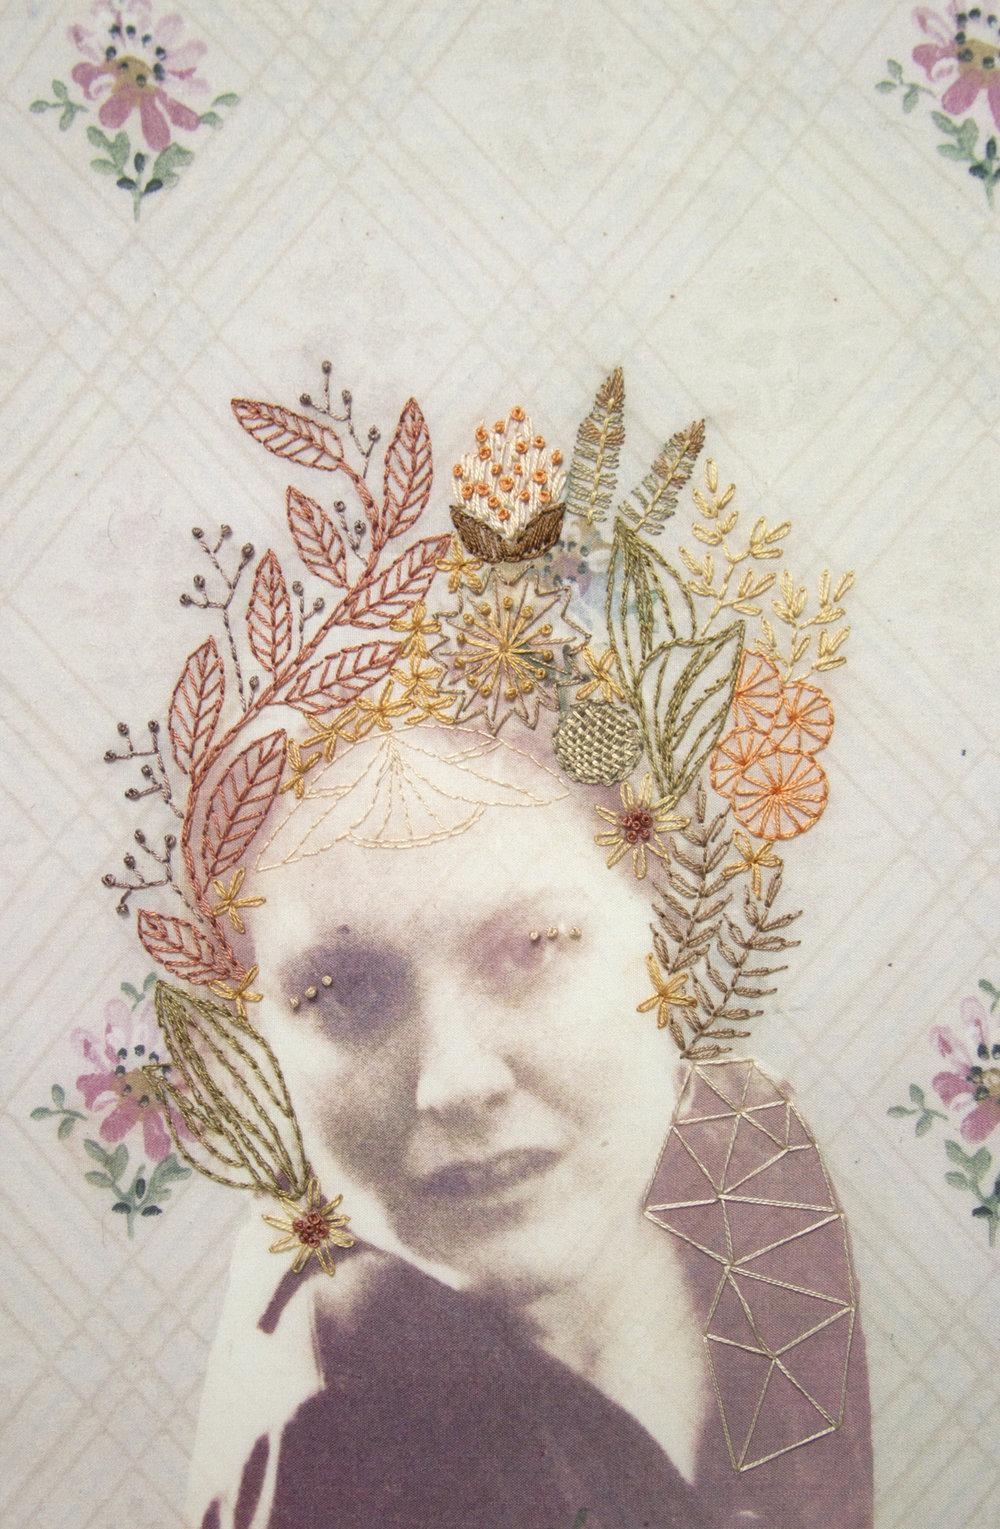 Chelsea Revelle,  Carlotta:  Fiber art, 12x18